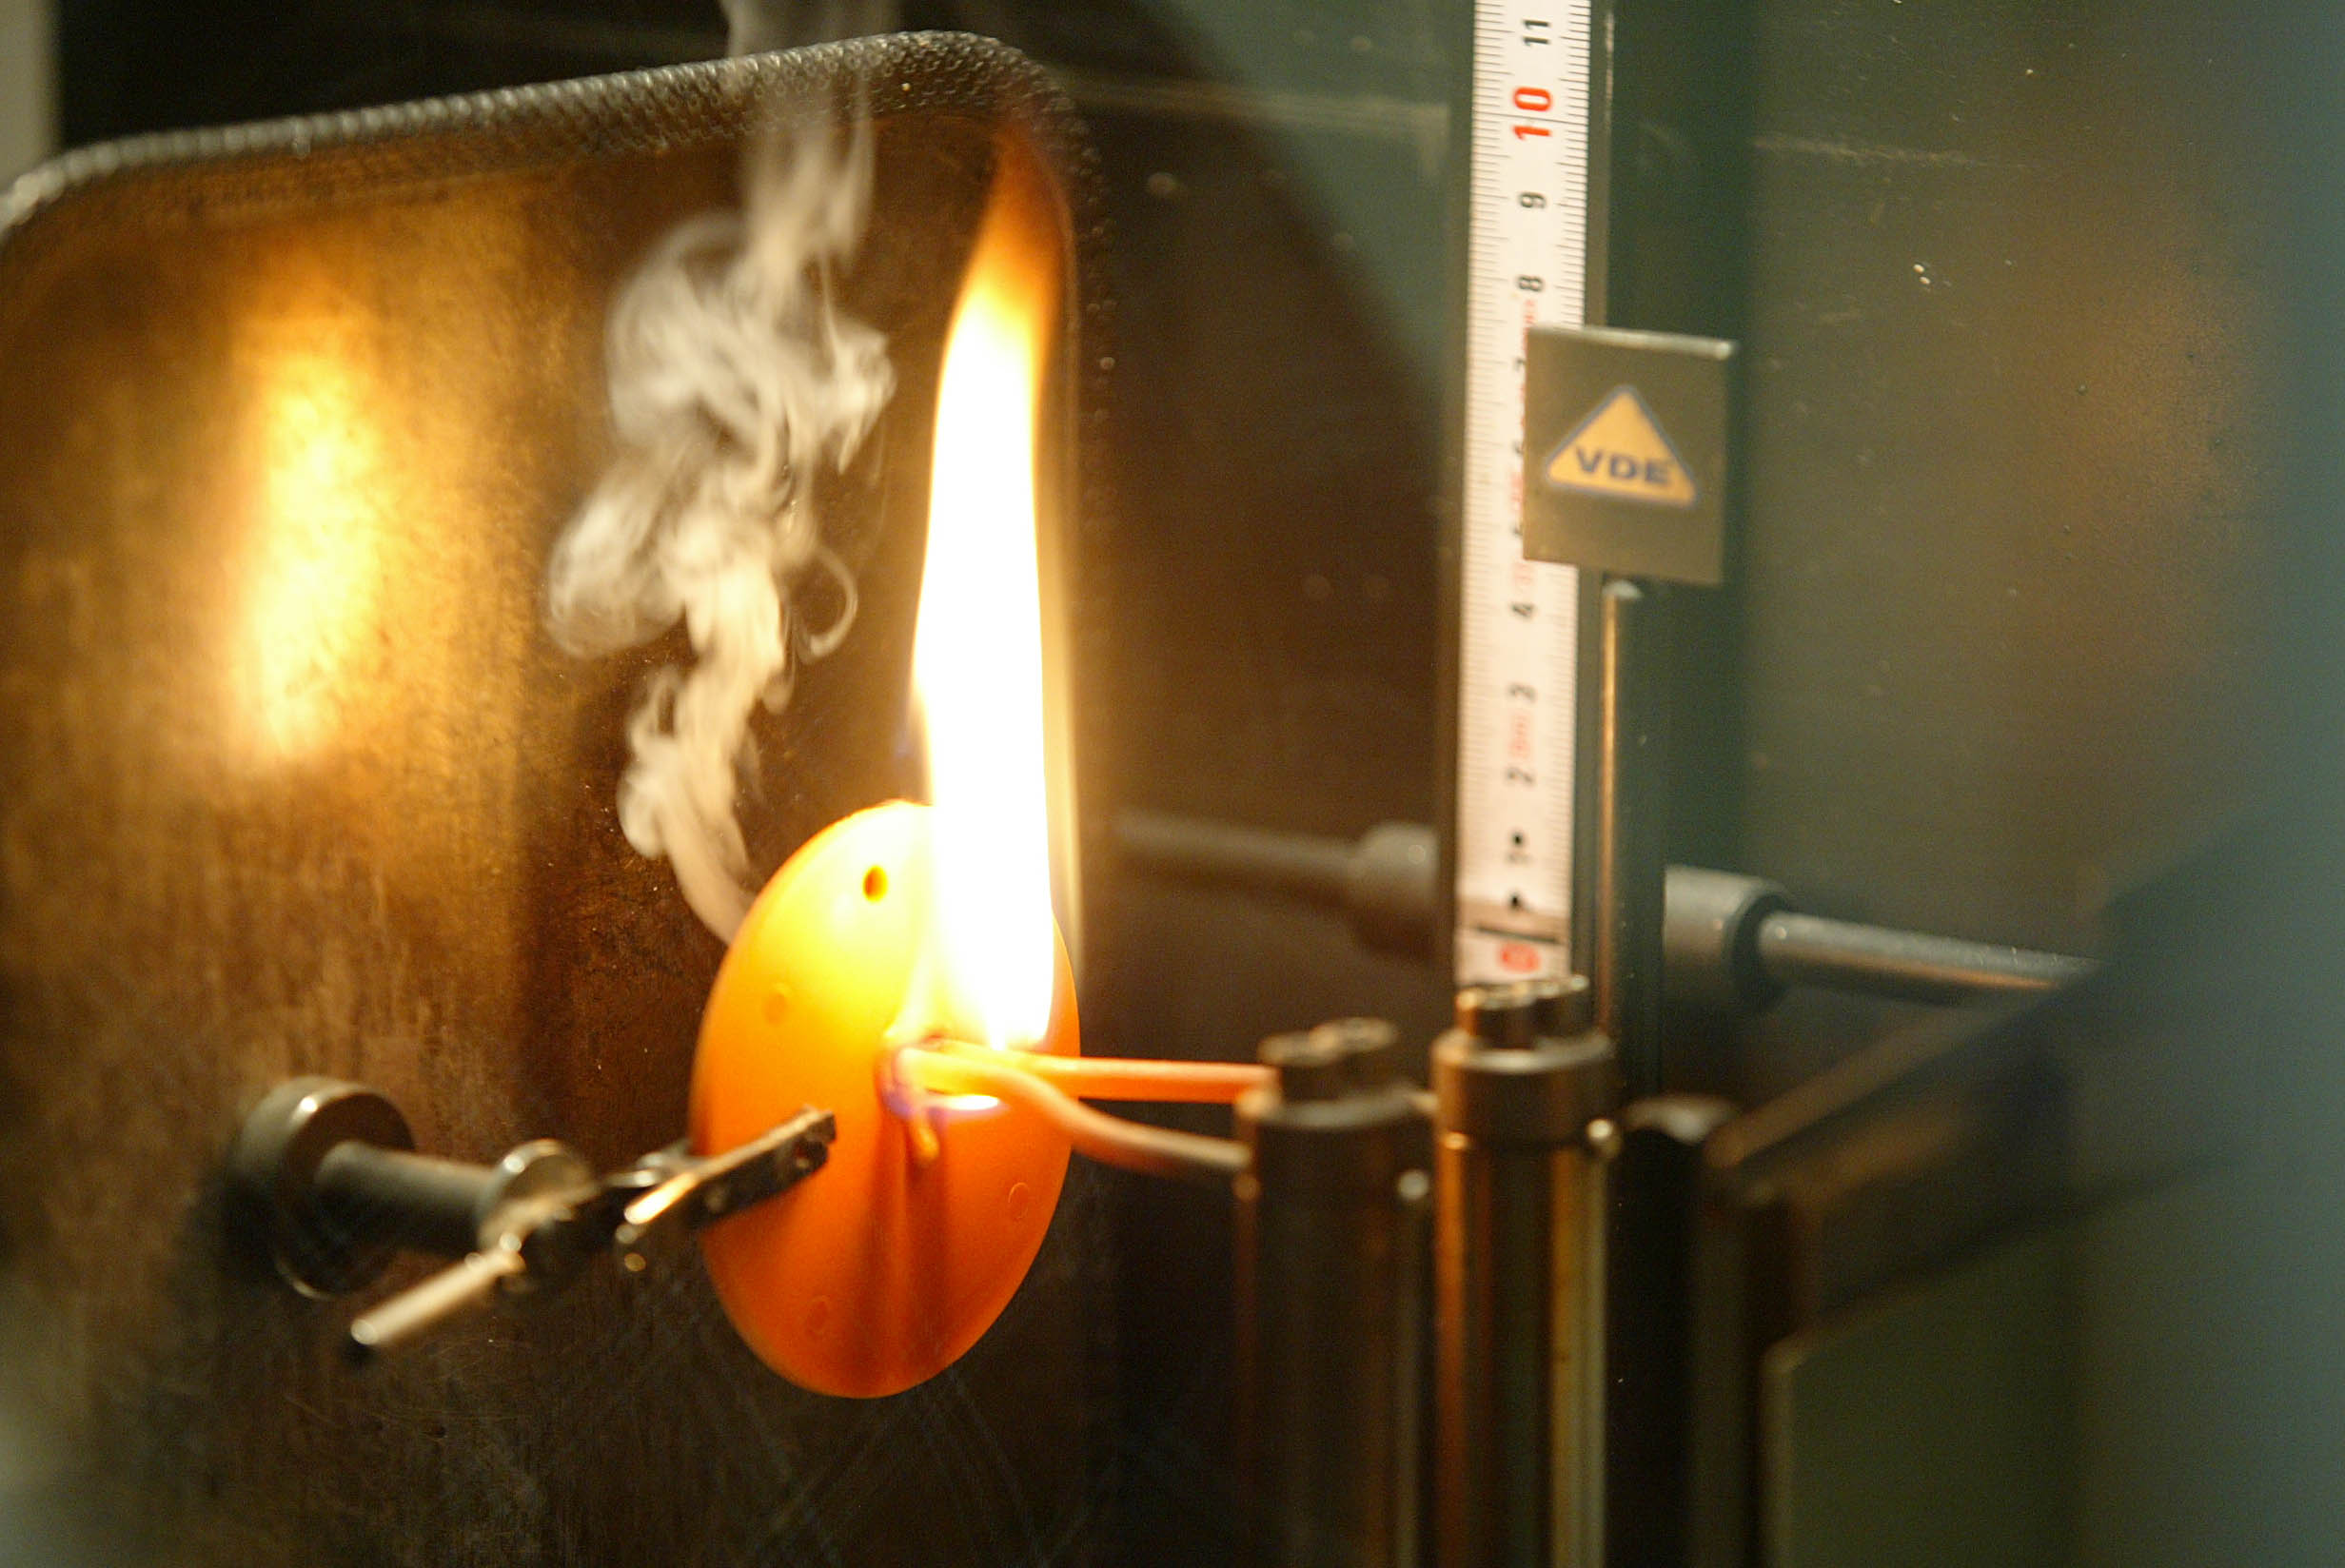 Isolierstoffprüfung und -zertifizierung im VDE-Institut